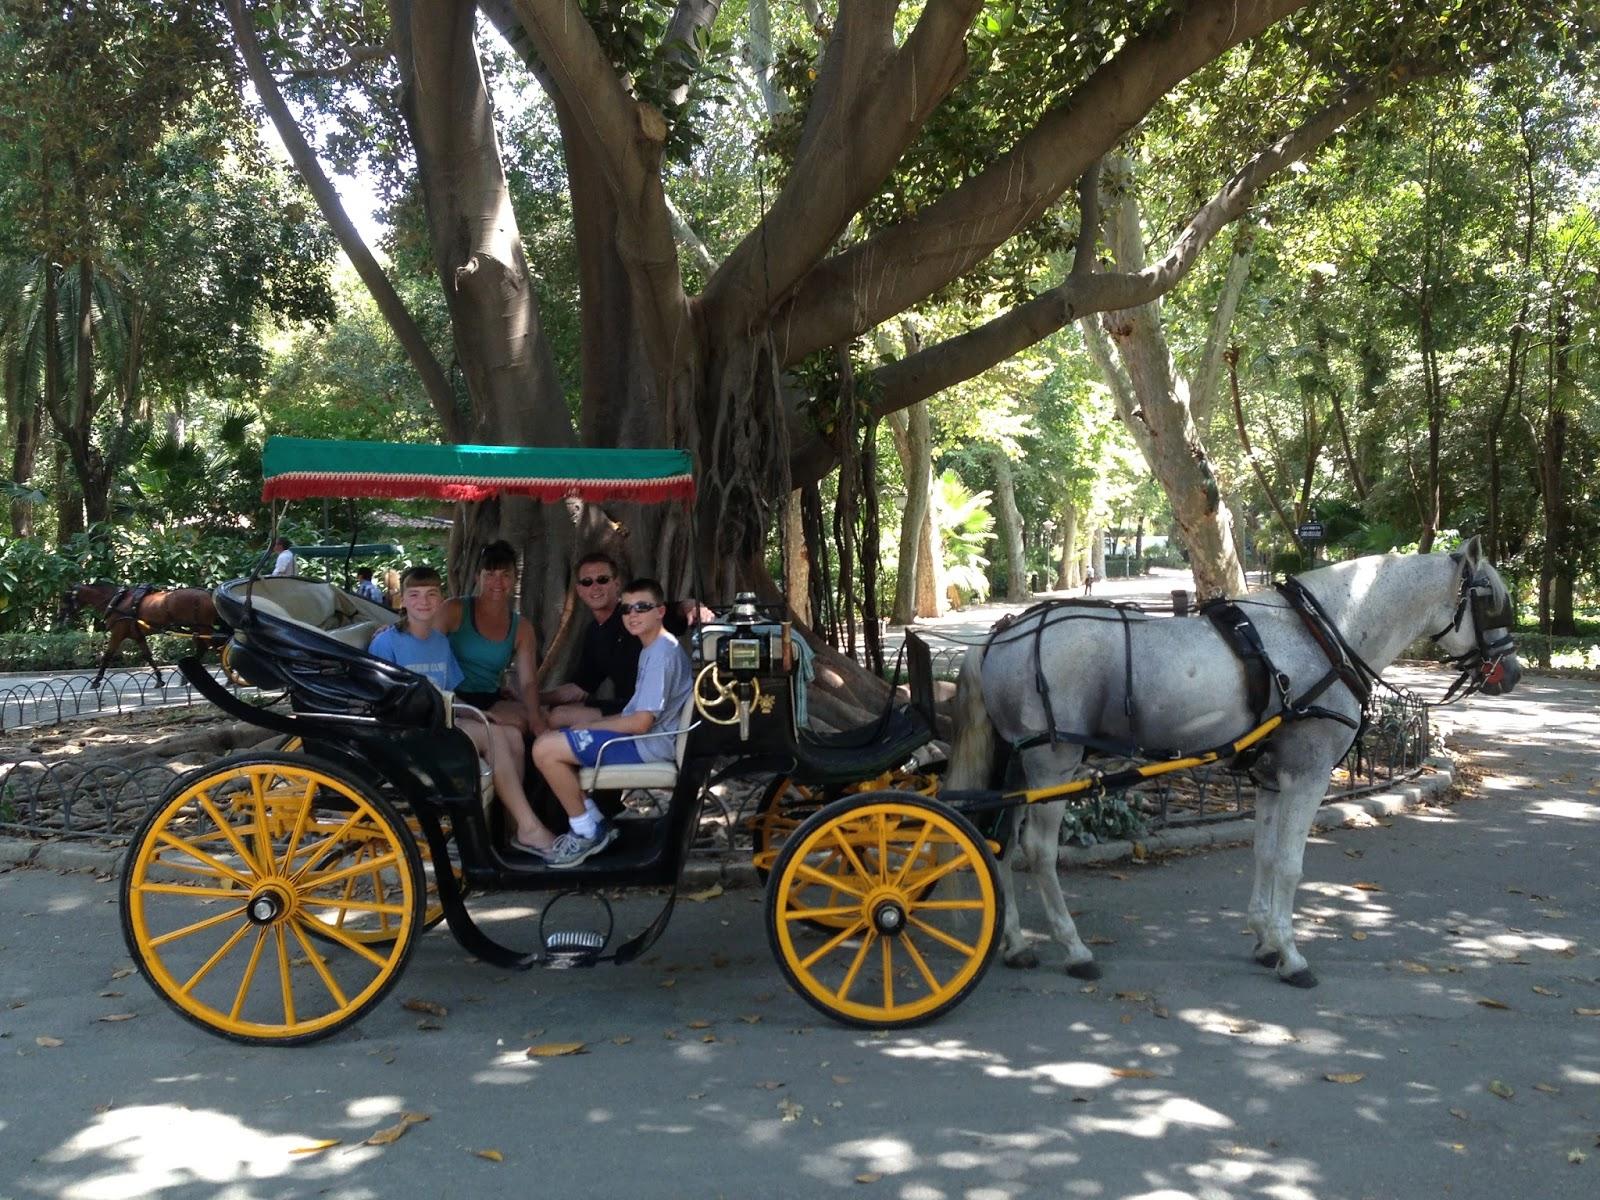 Plimbările cu cai sunt cele mai populare activităţi din parc